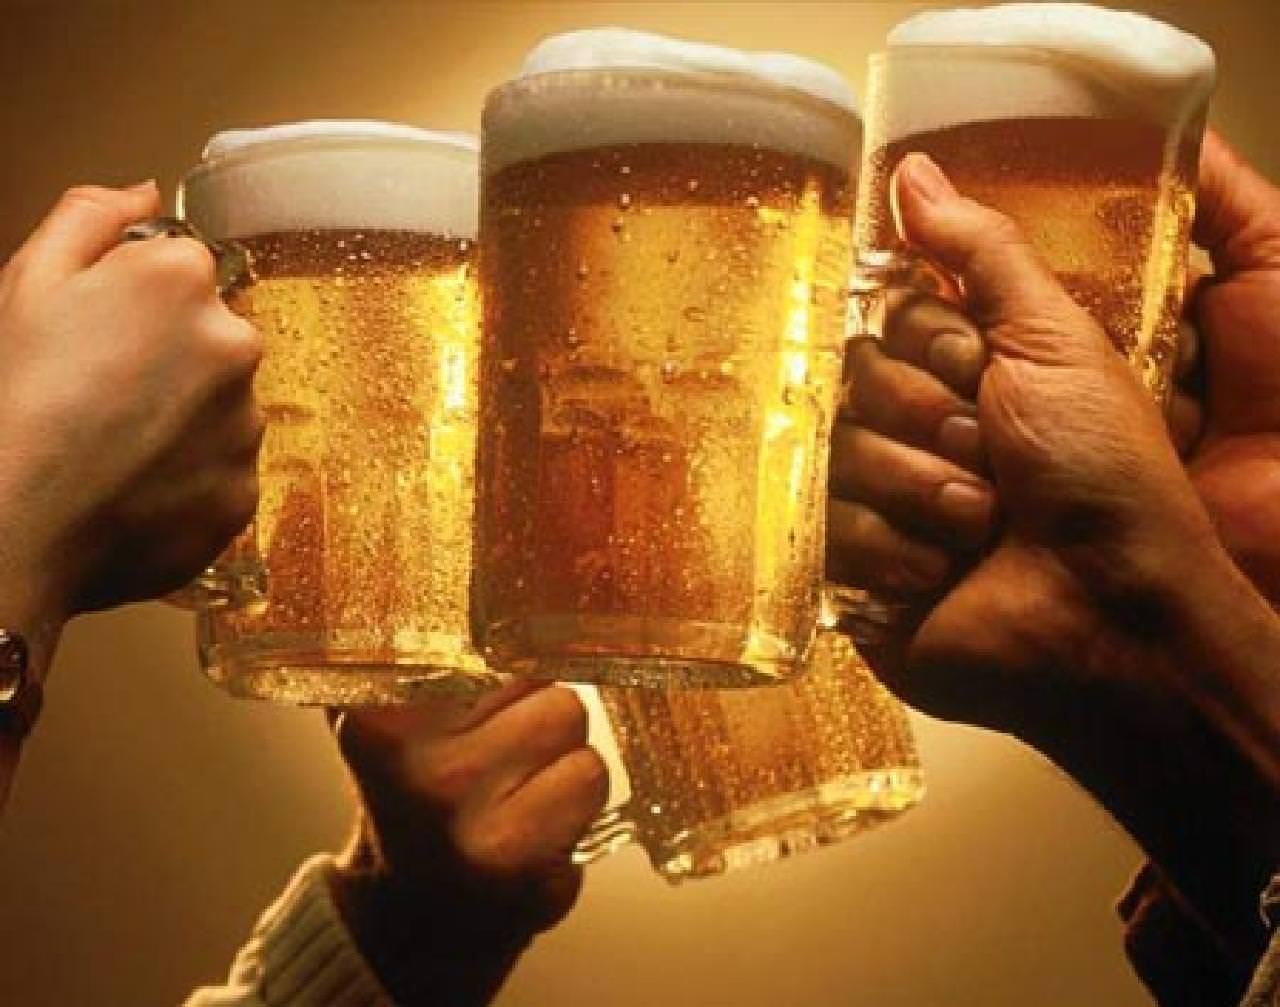 Μπύρα με μέτρο...και στην υγεία σας!  d19f8e3484a